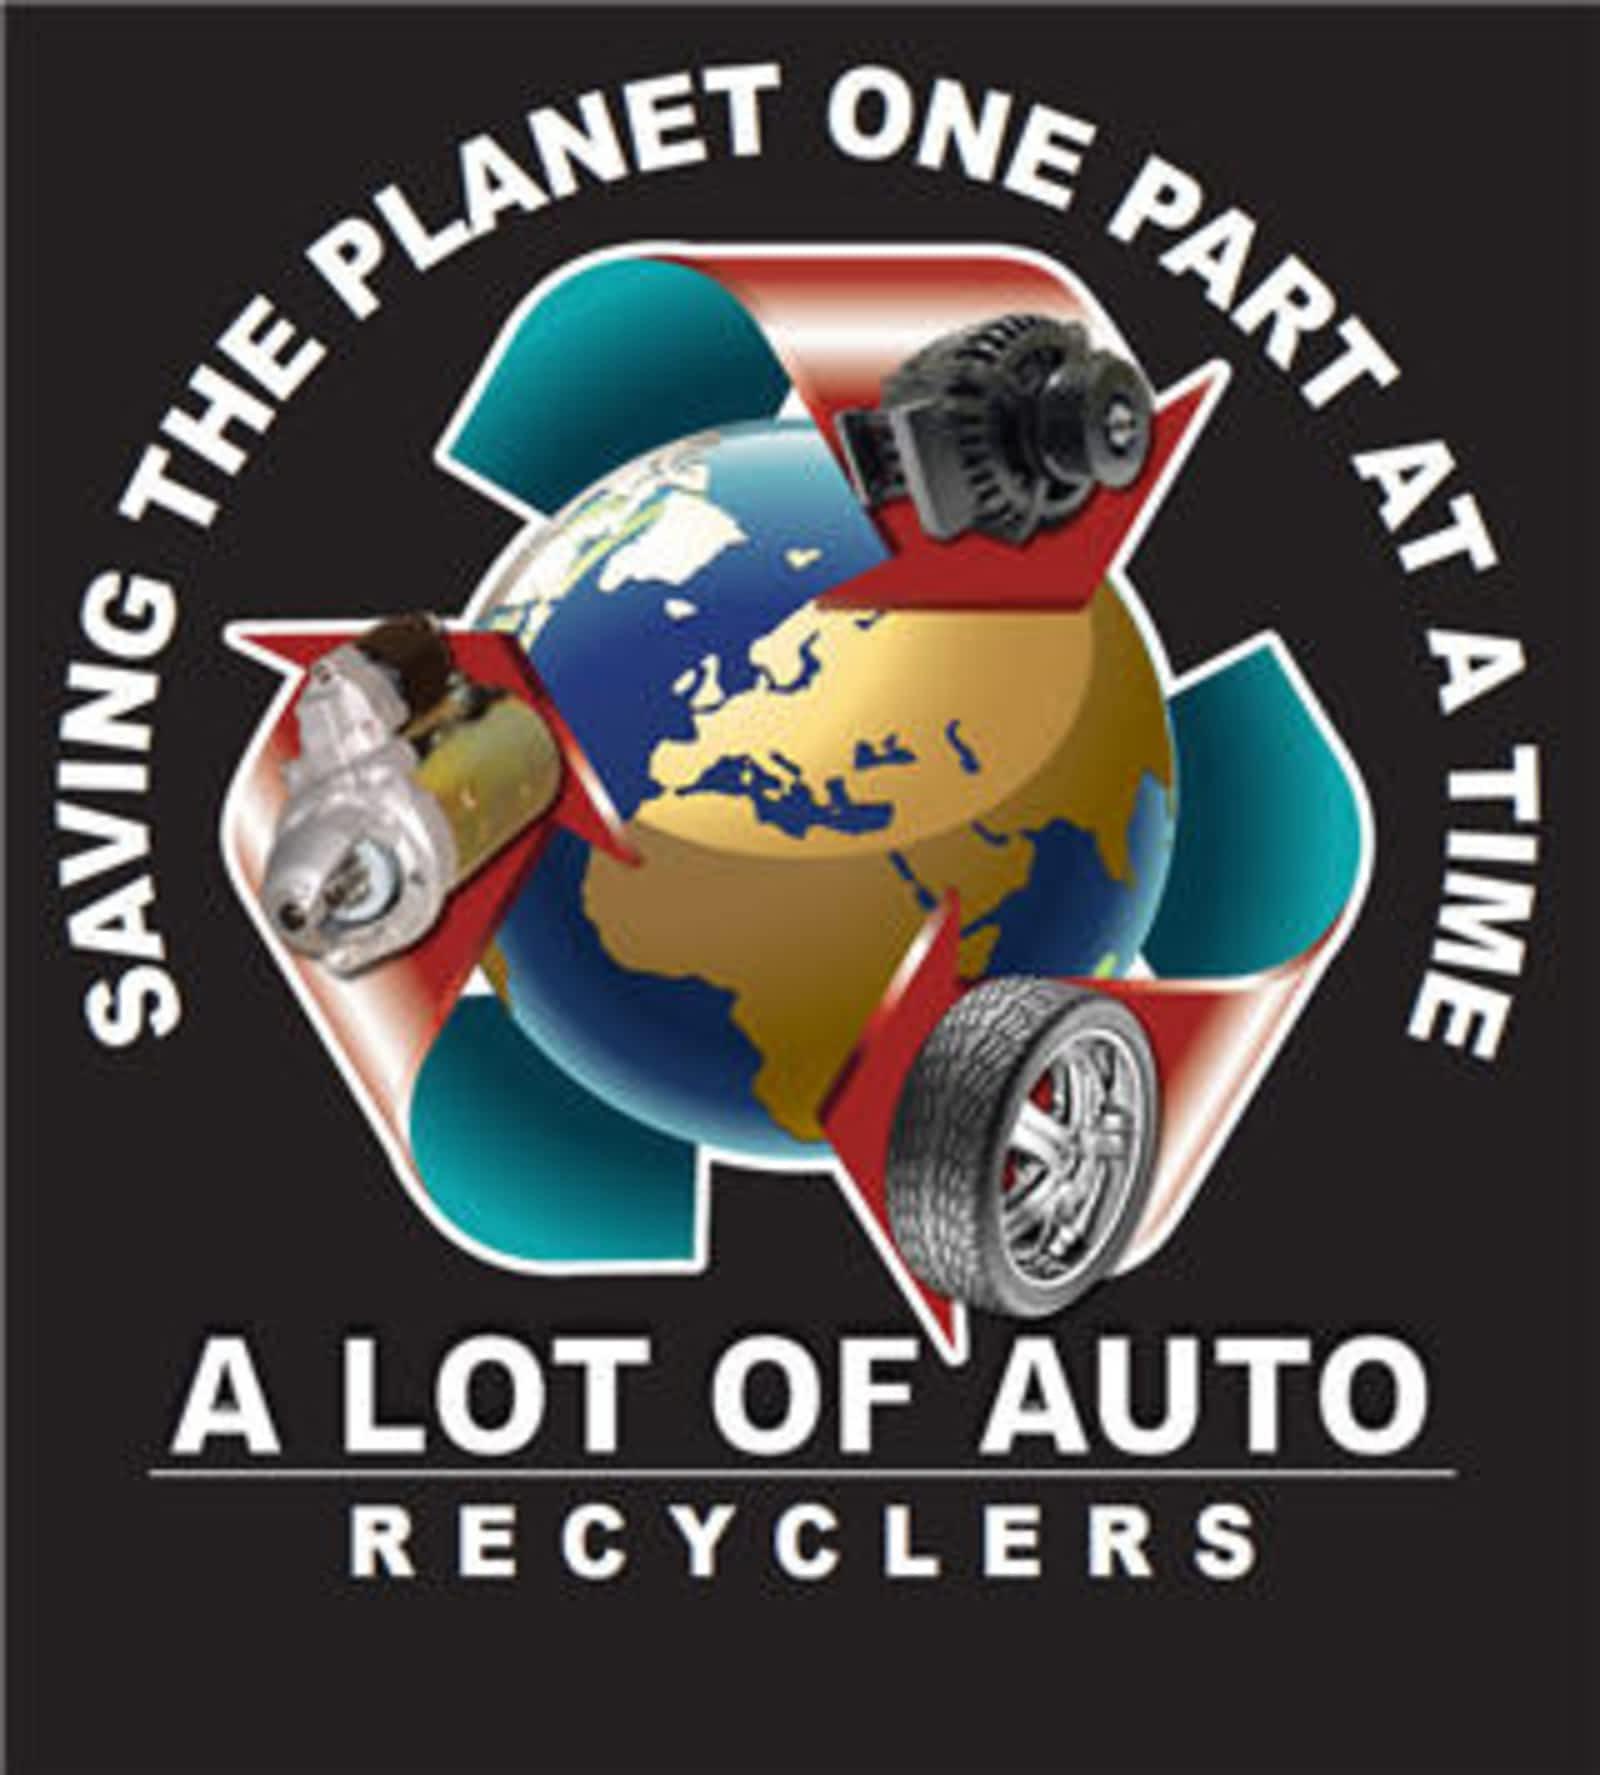 https://0901.nccdn.net/4_2/000/000/038/2d3/a-lot-of-auto-parts-1.jpg